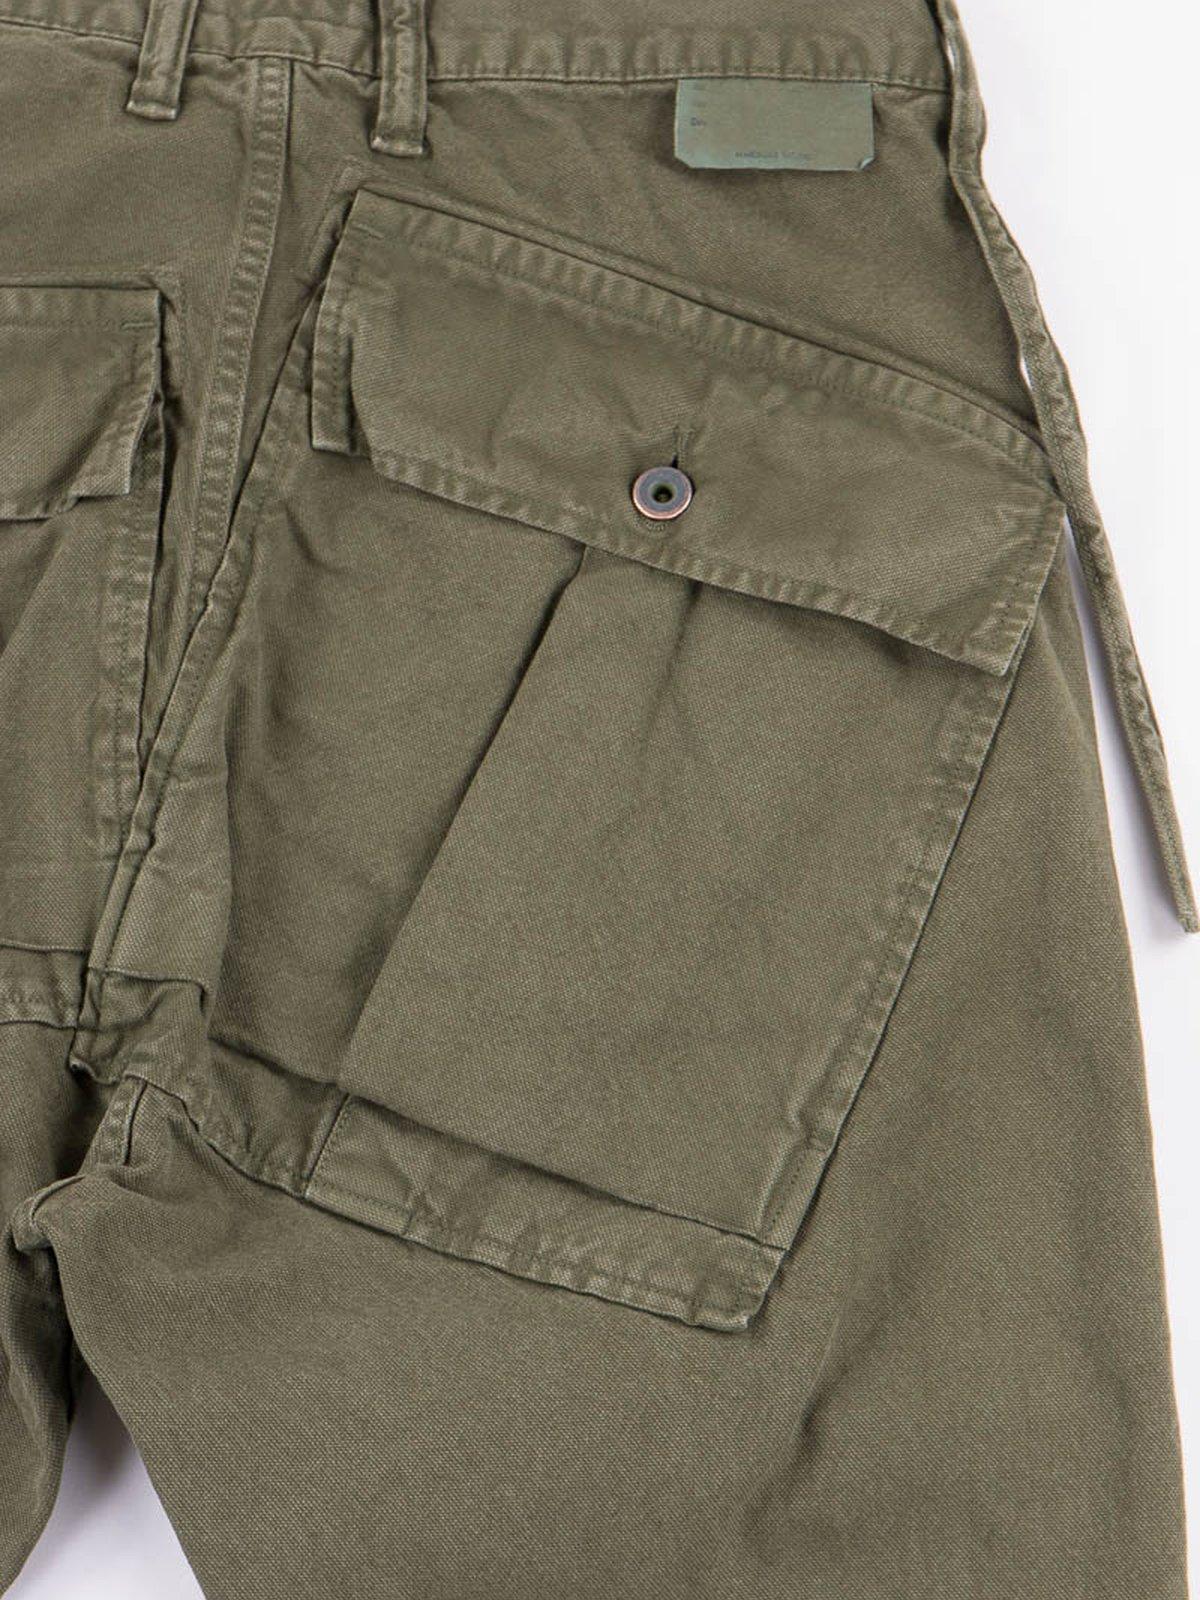 Olive Light Canvas Ringo Man Cargo Pant - Image 5